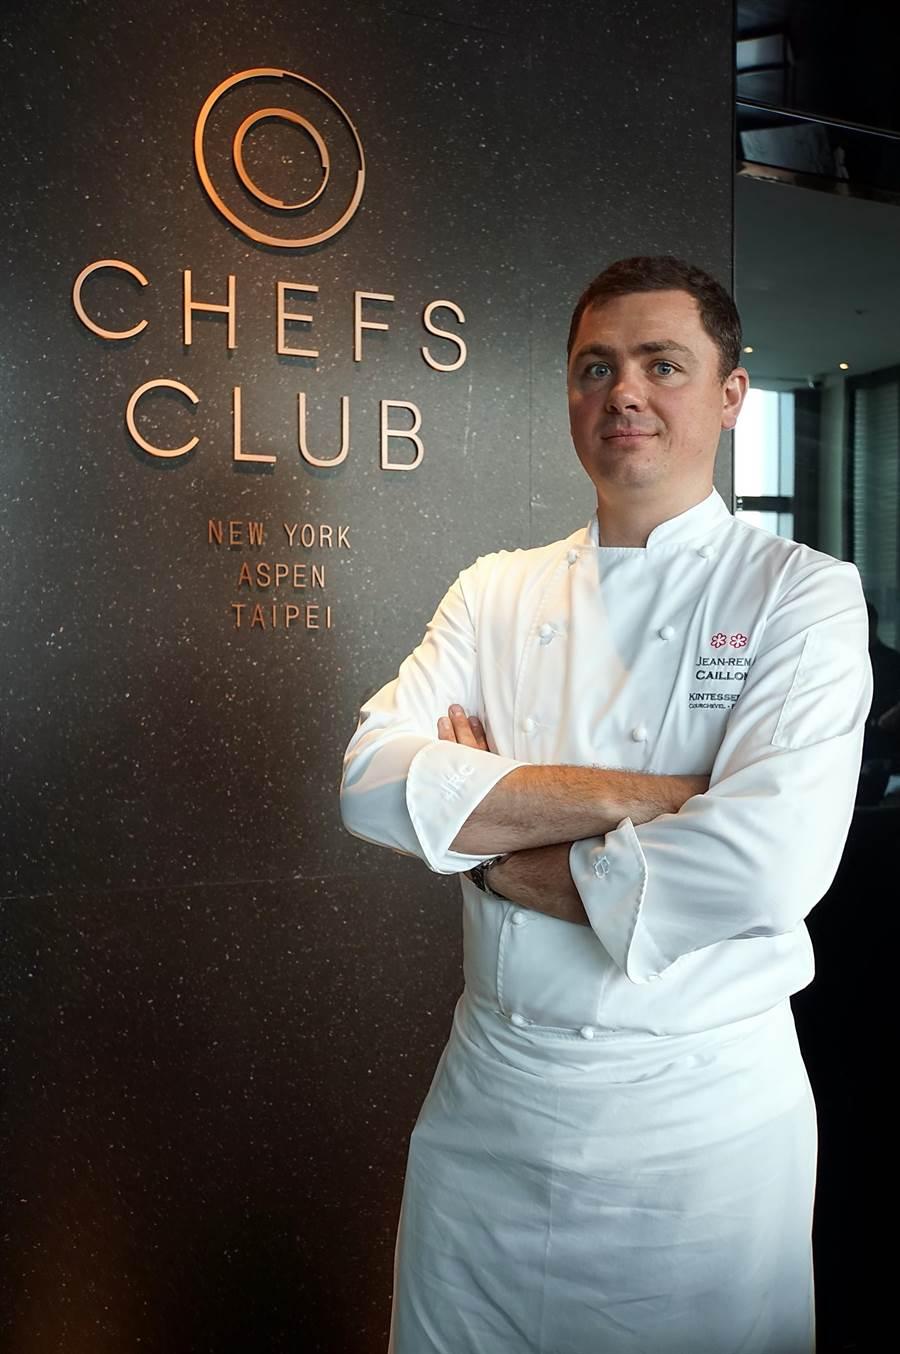 自即日起至10月10日在台北微風信義〈Chefs Club Taipei〉客座的Jean-Remi Caillon,30歲即率廚藝團隊在米其林指南中得到二星,在法國餐飲史上這樣的人很少。(圖/姚舜)